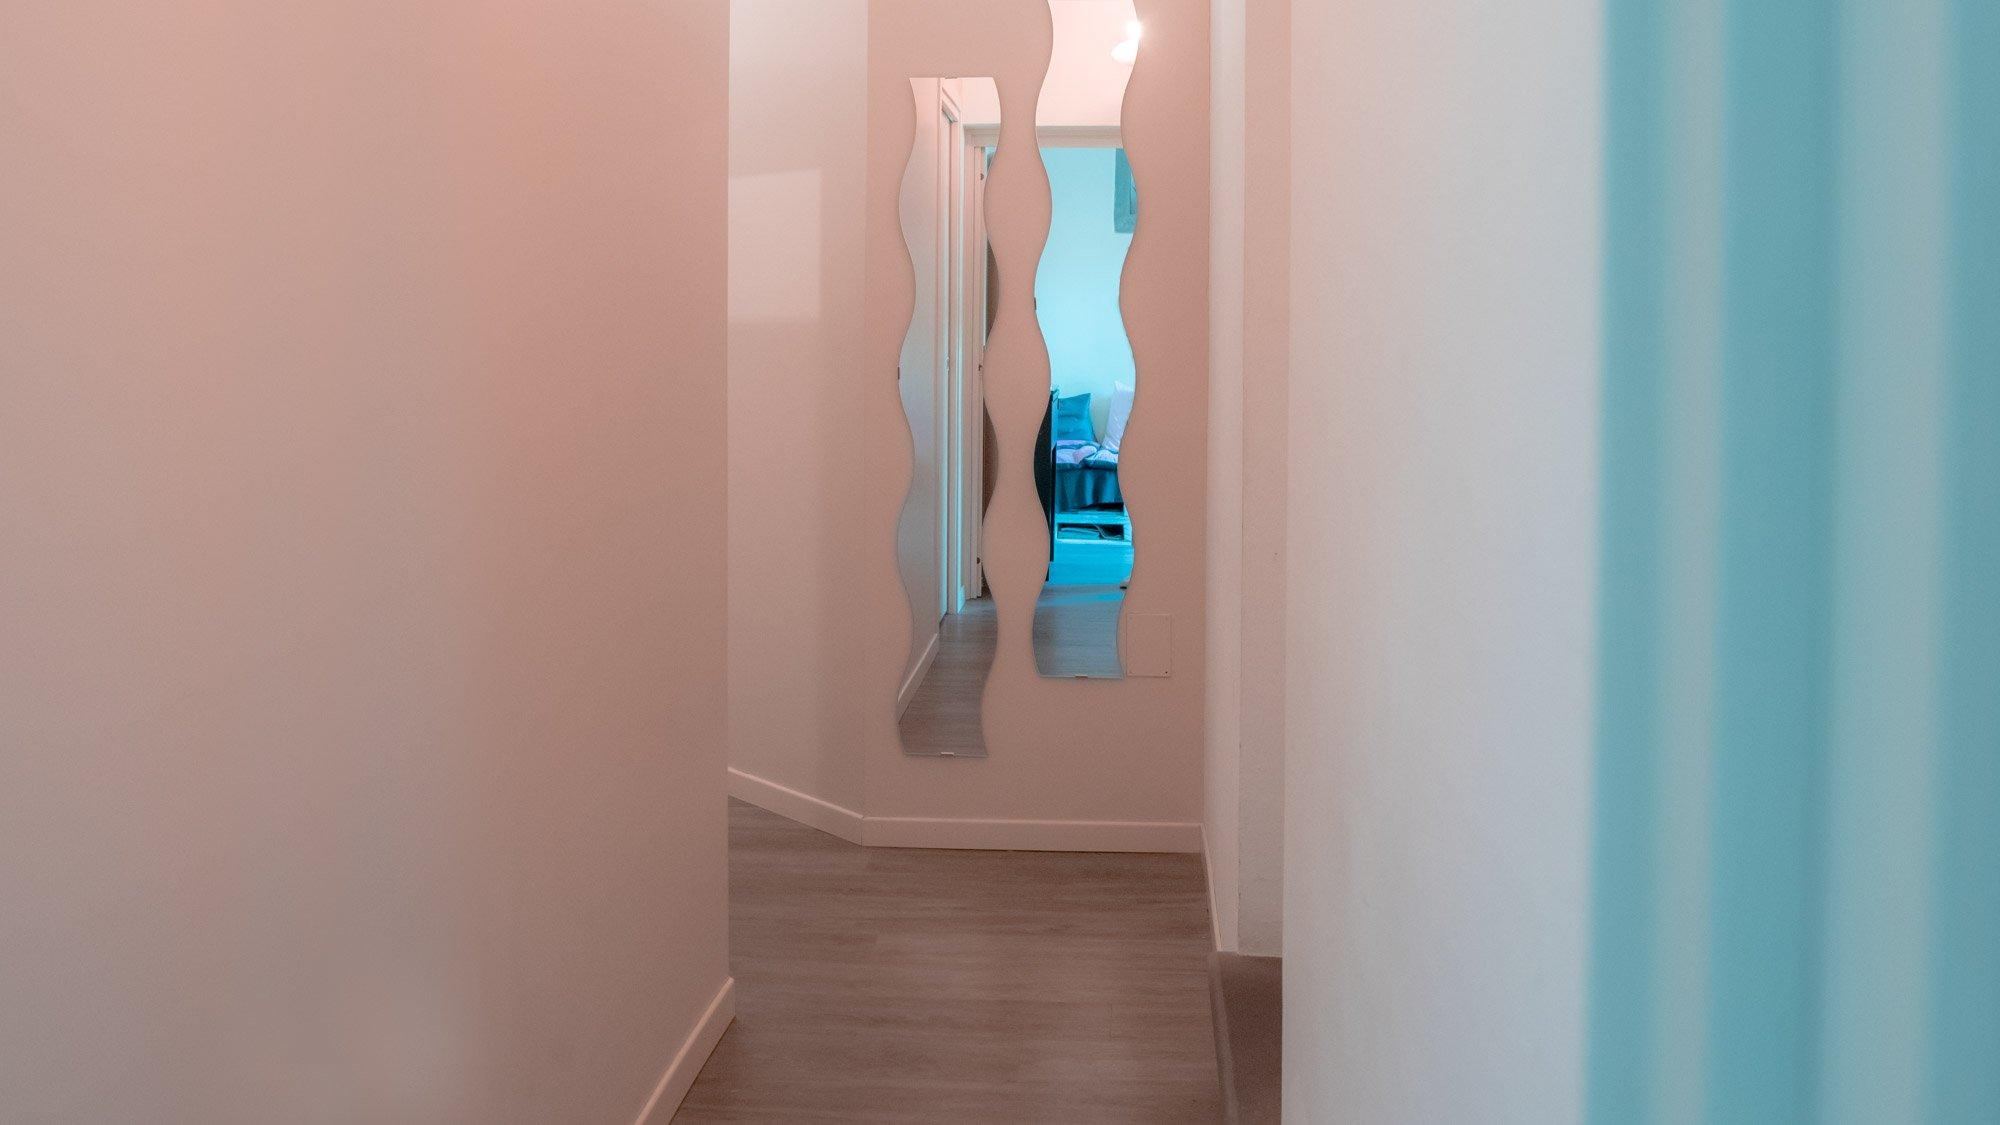 Donna In corridoio